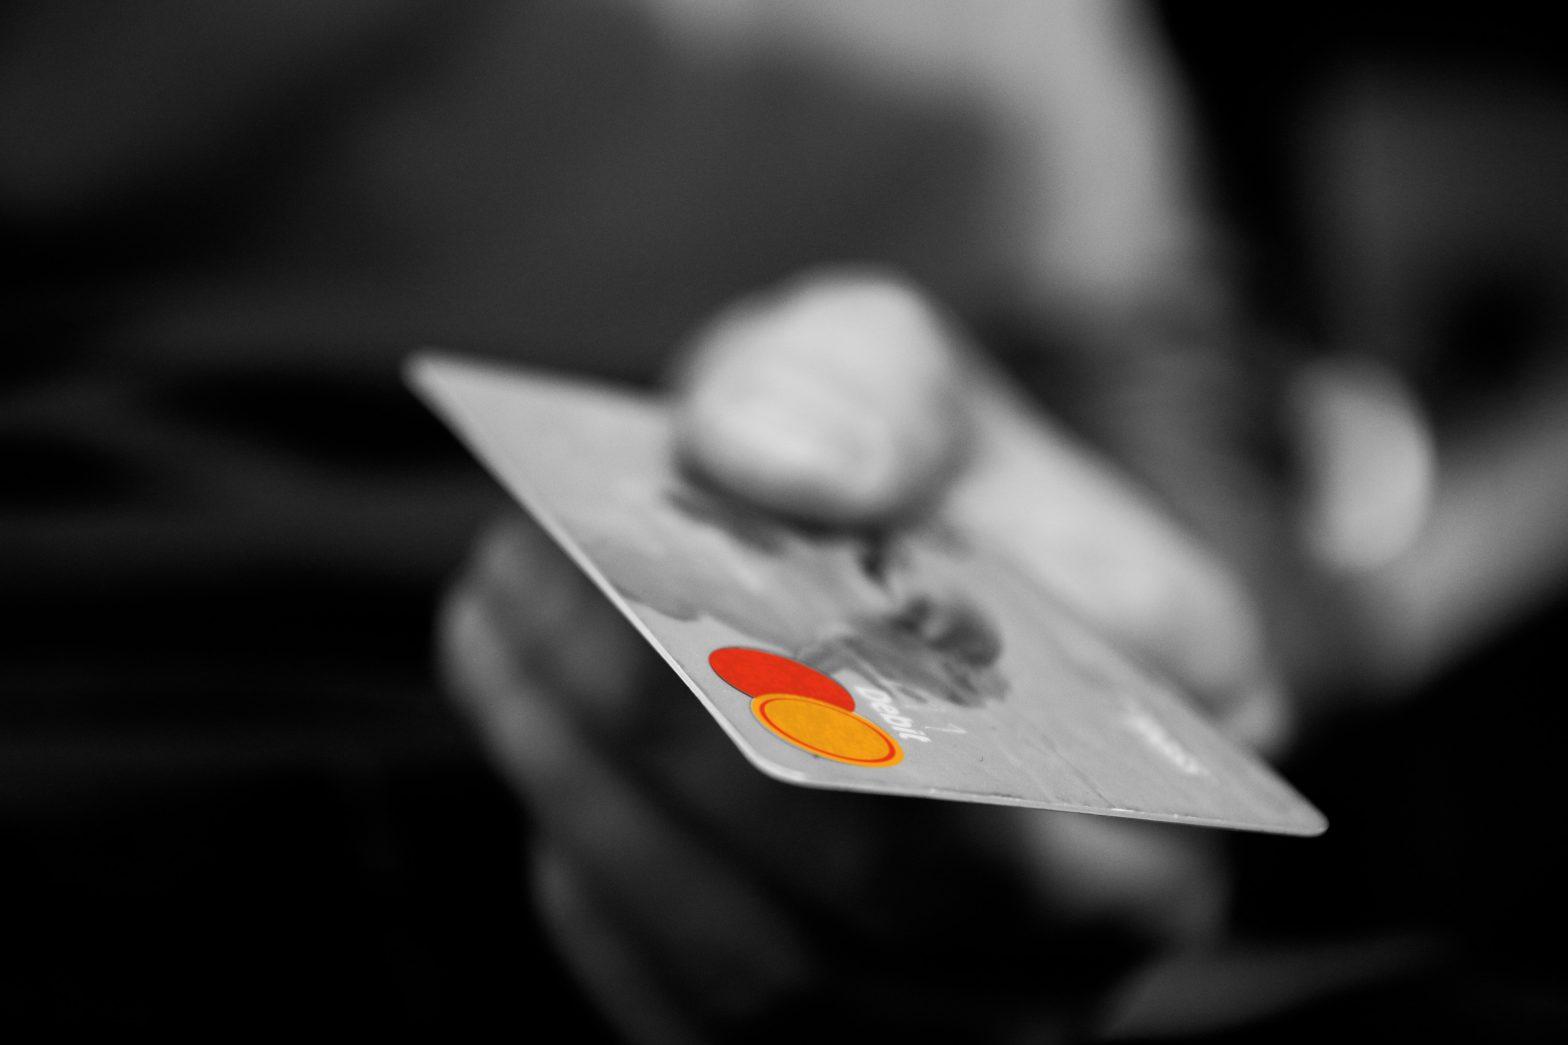 一天通知存款利息_账户突然多了大笔存款,是天降横财还是飞来横祸? | Lisas Law ...